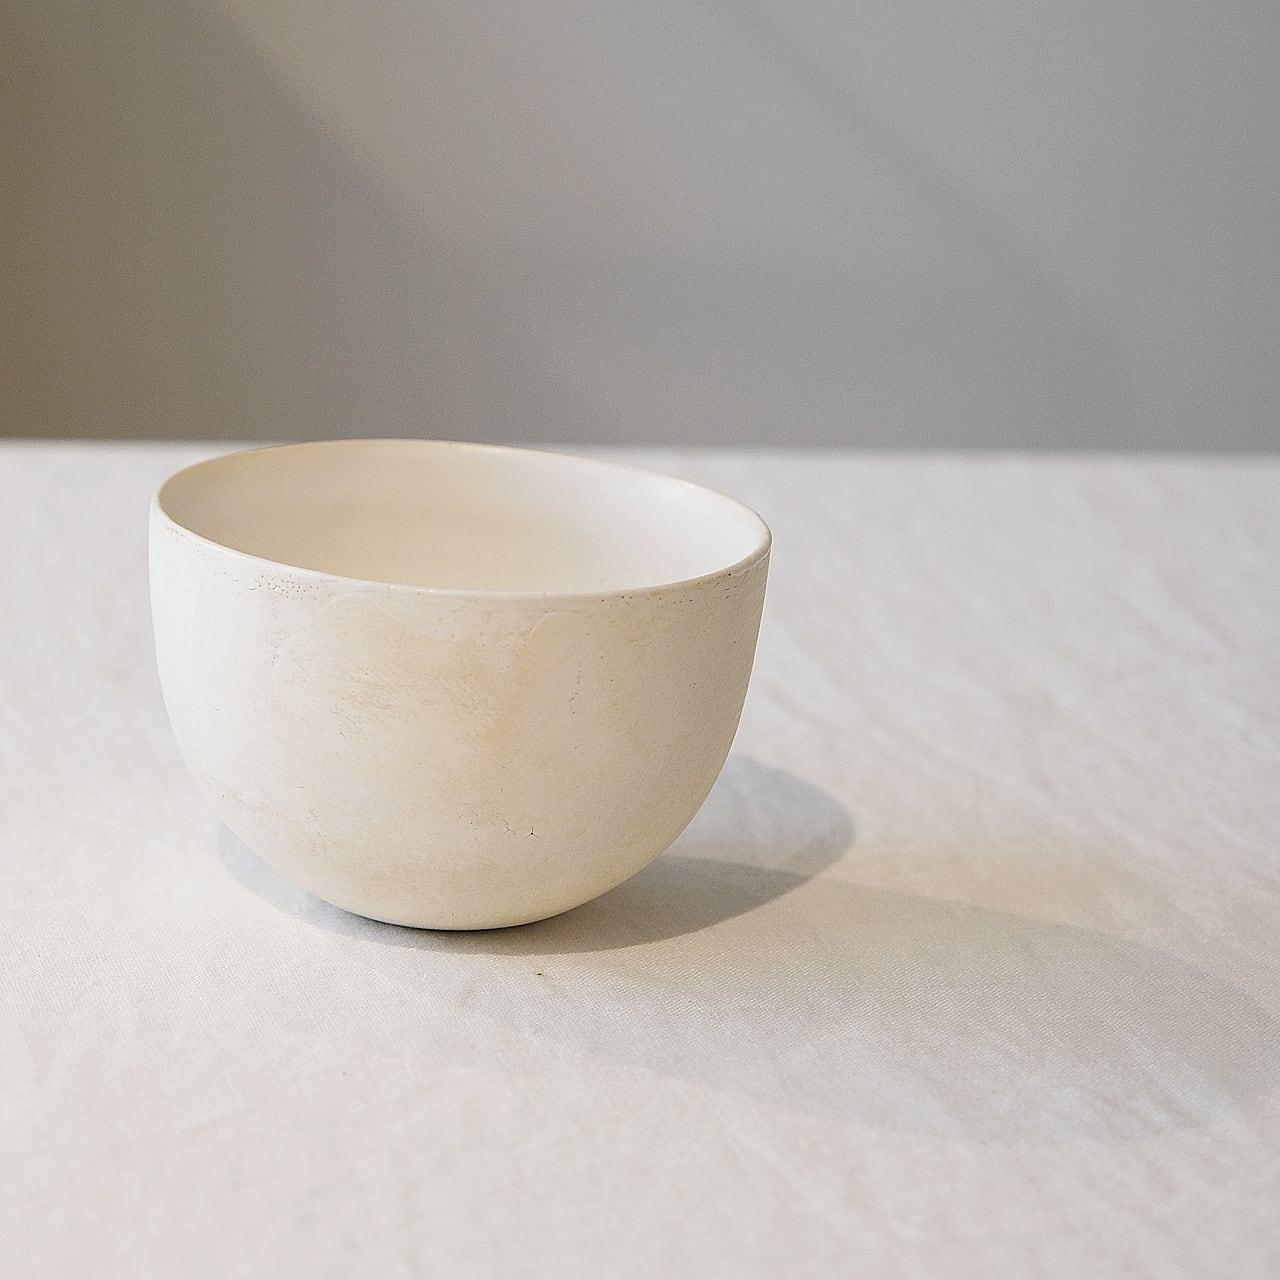 田中直純  Naozumi Tanaka  磁化粧 bowl  M no.5